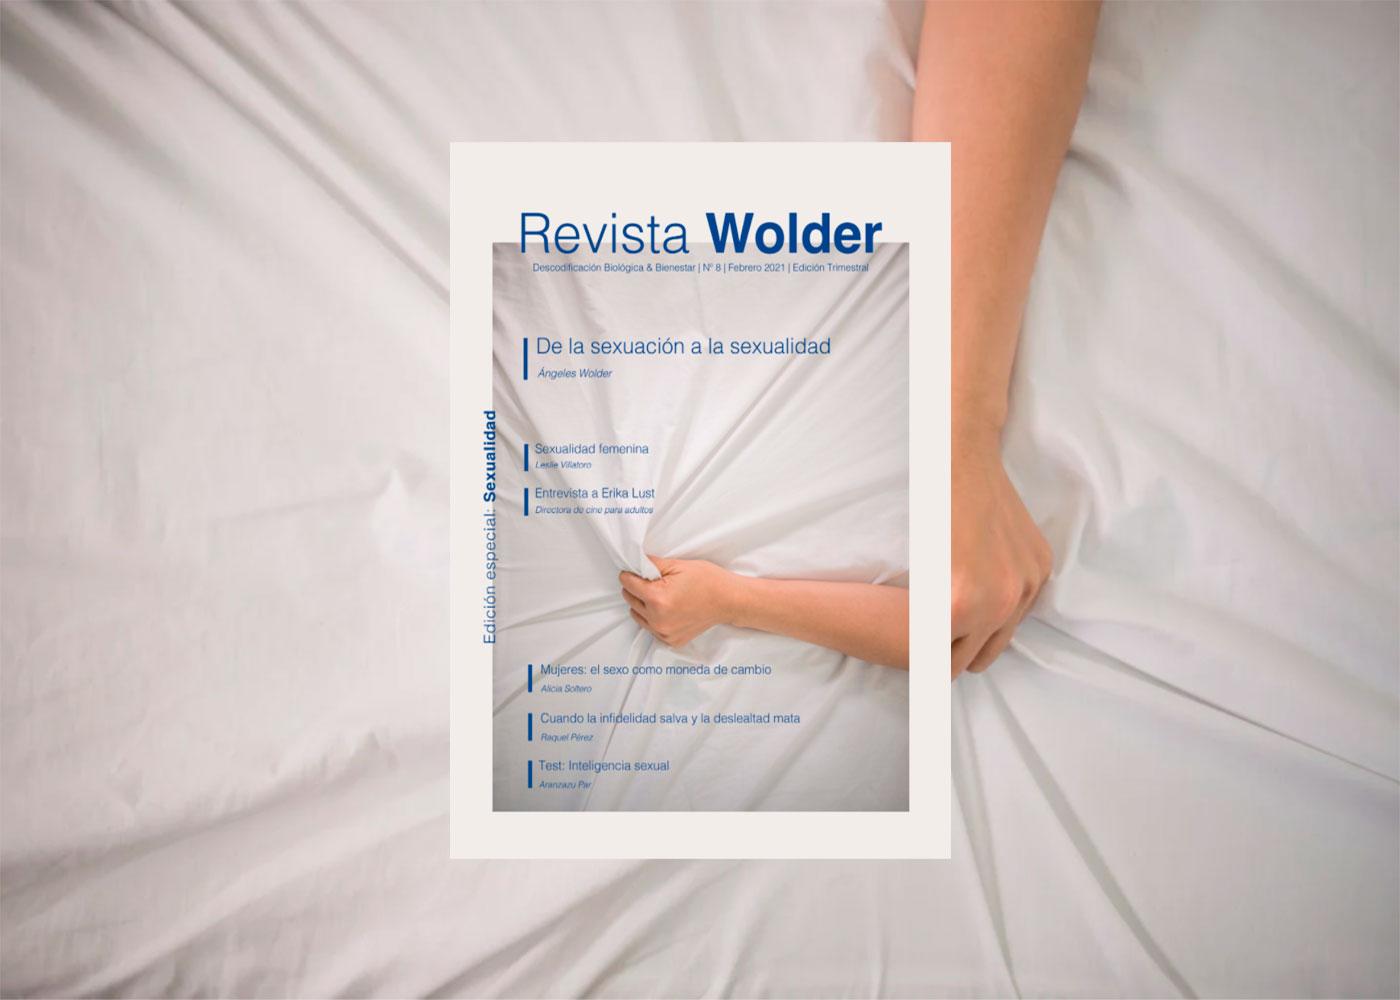 Revista Wolder Sexualidad